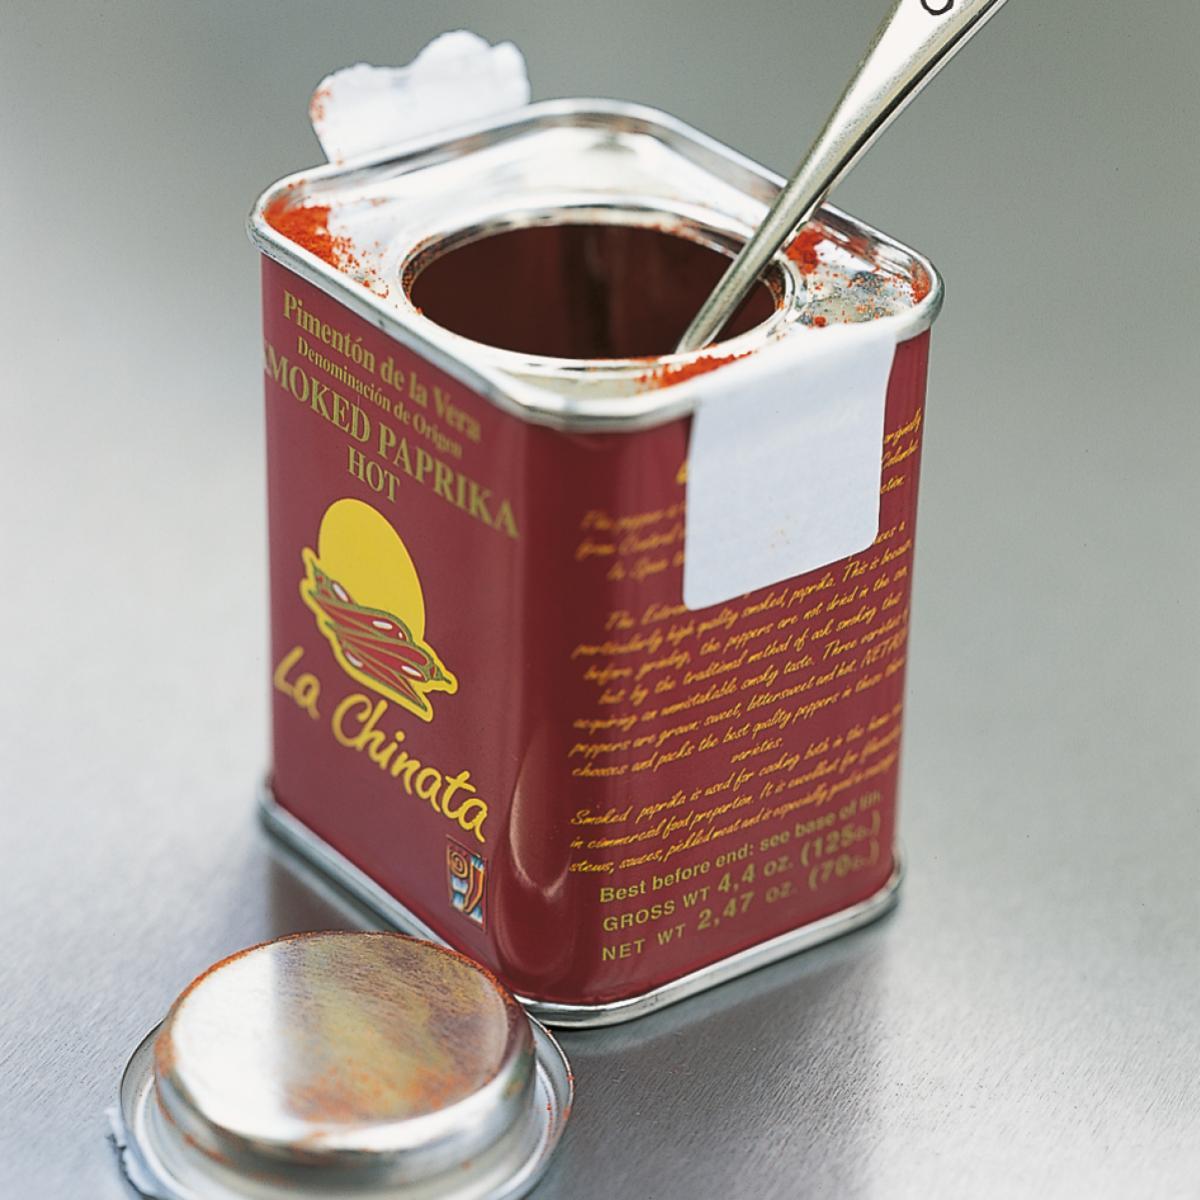 Ingredient htc paprika